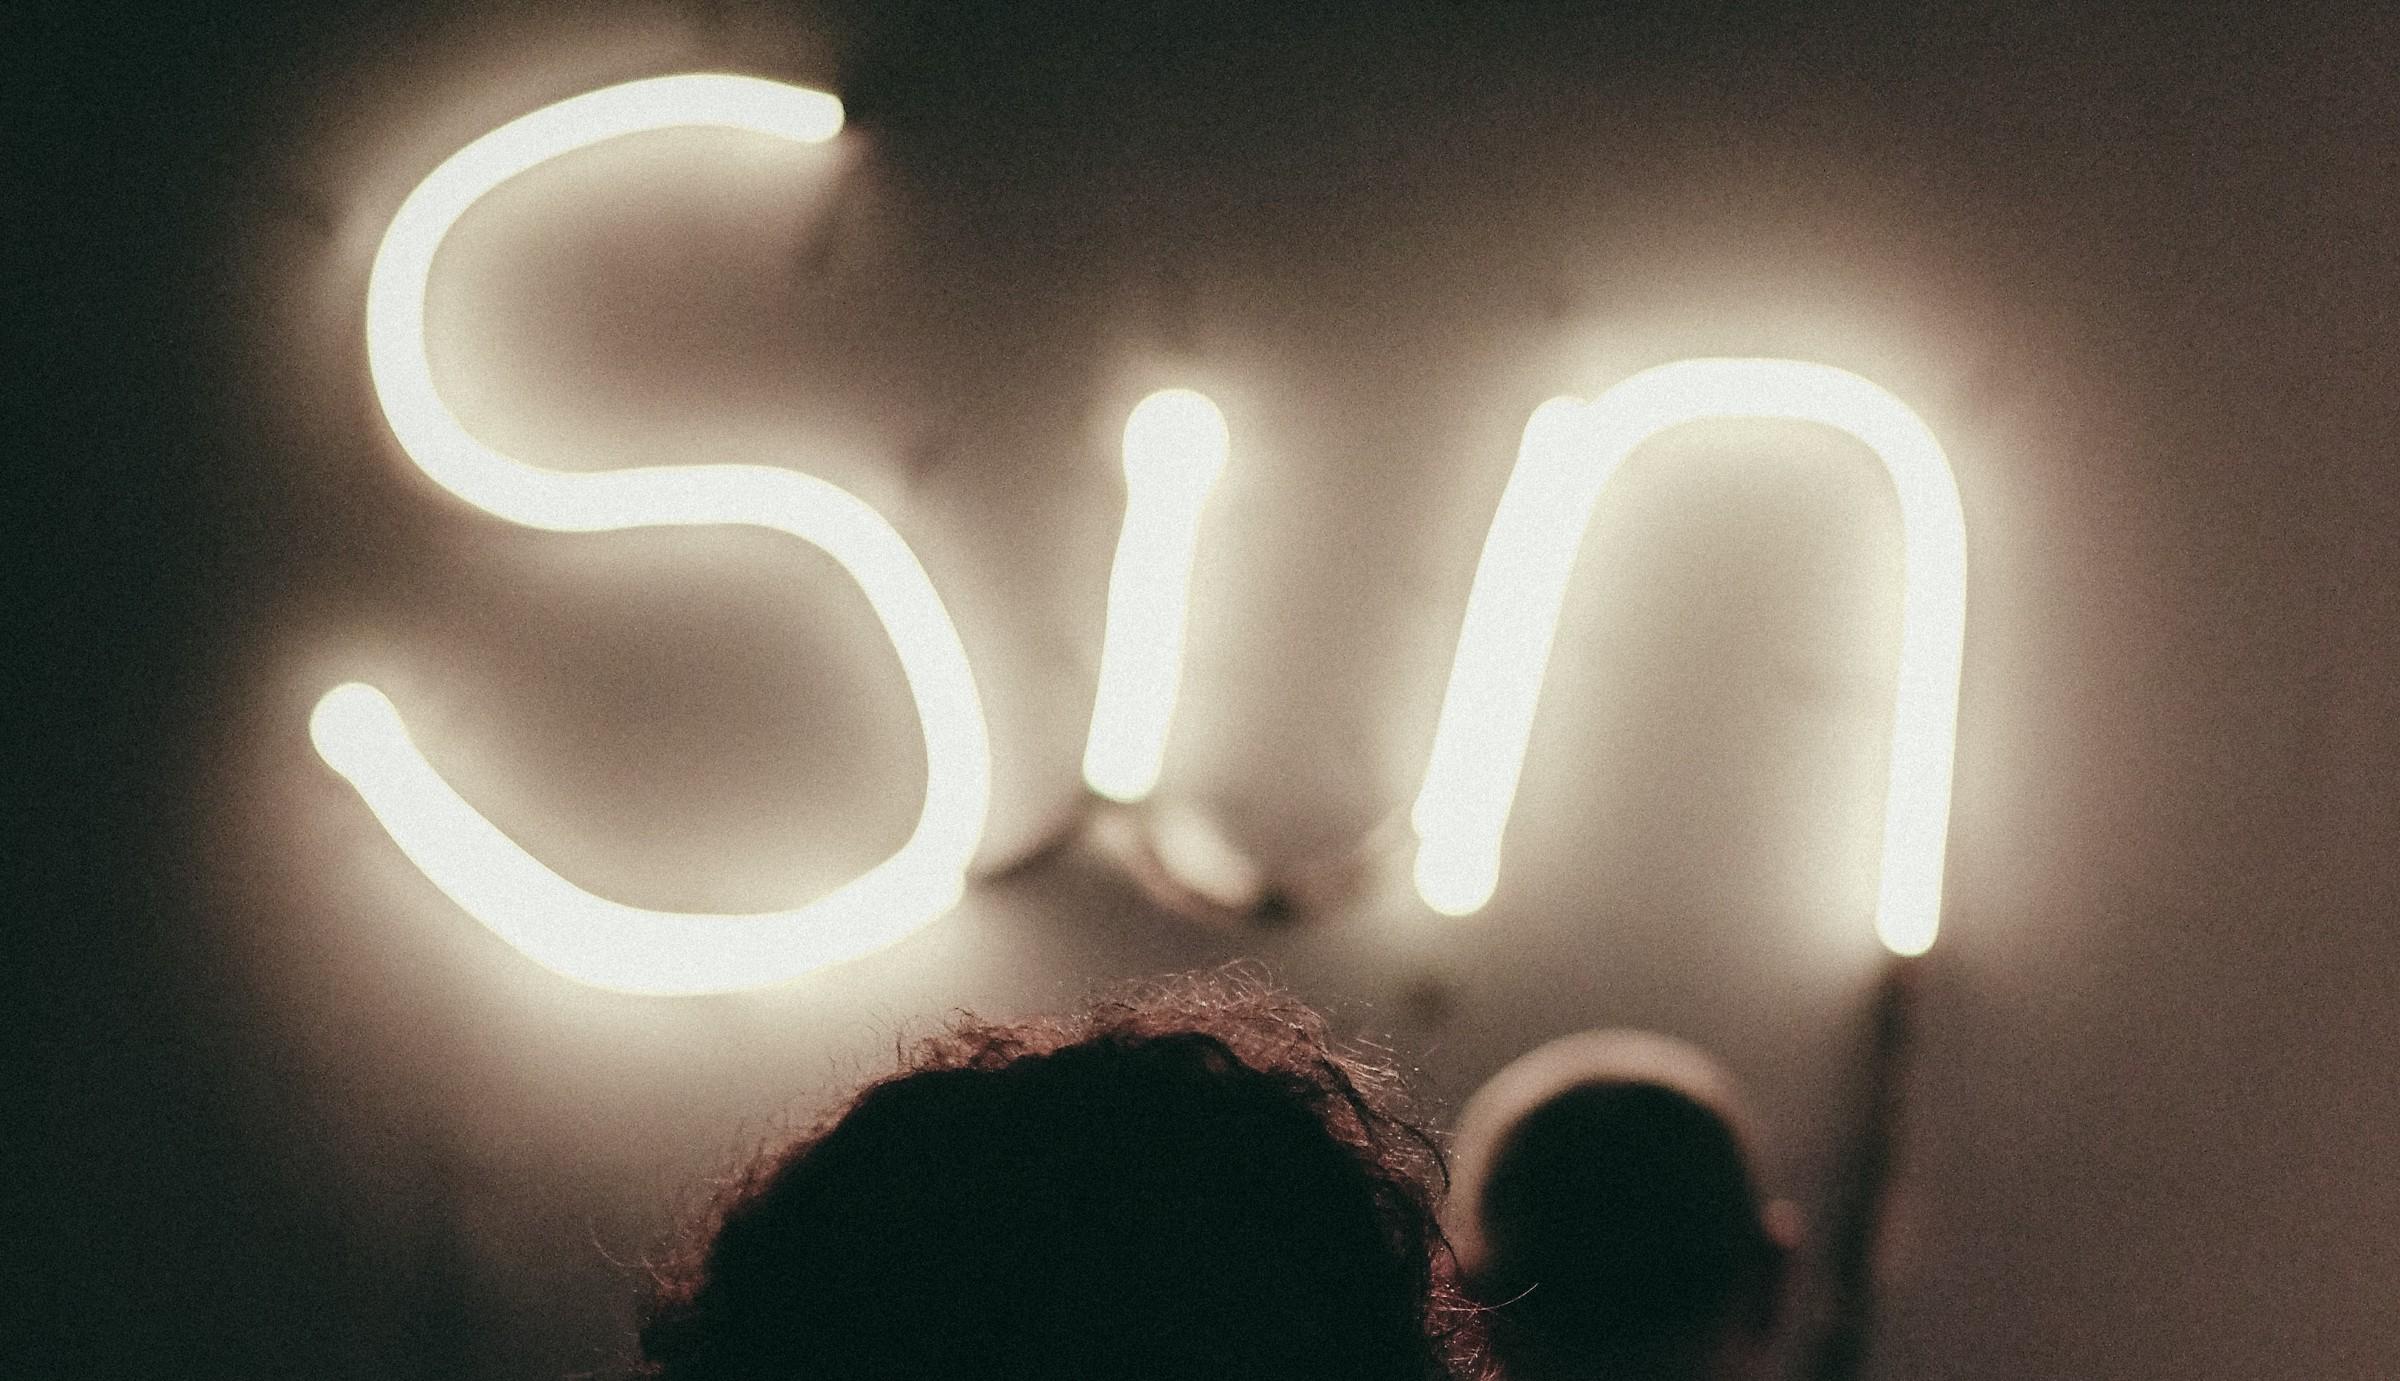 Do 'God's Laws' Prevent Sin or Unpreferable Outcomes?